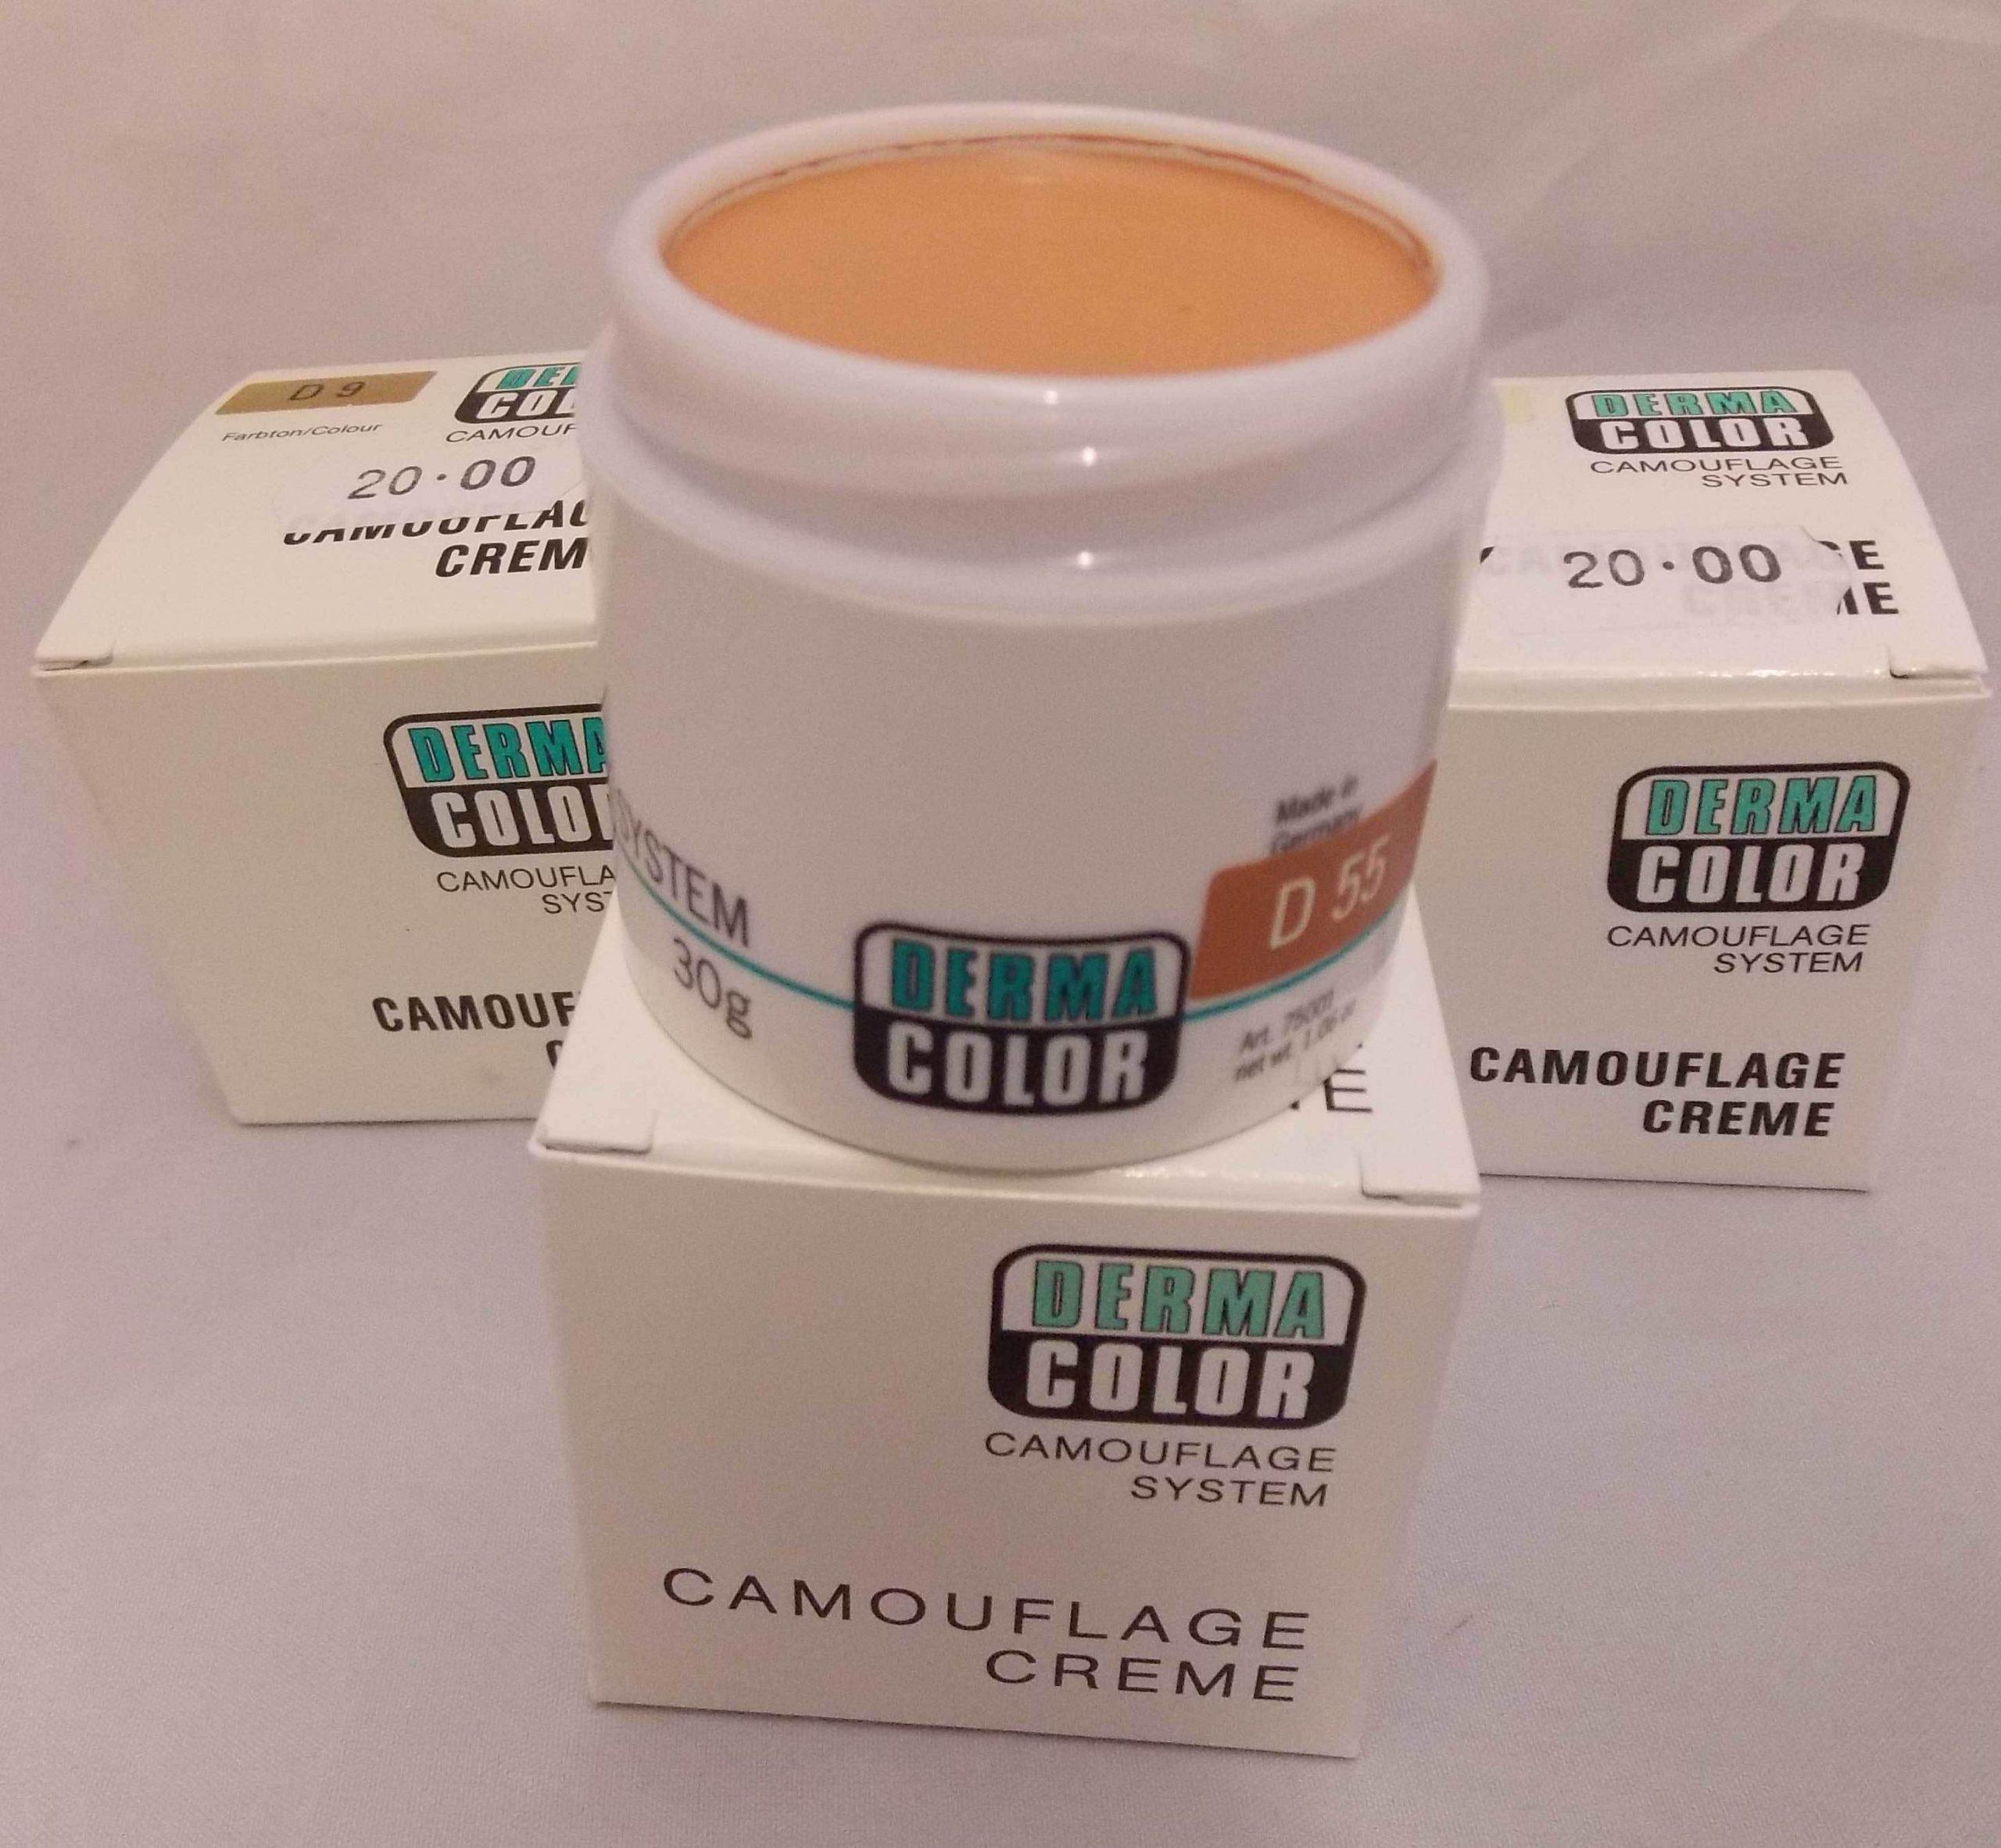 Dermacolor Camaflouge Creme 30 Grams pot